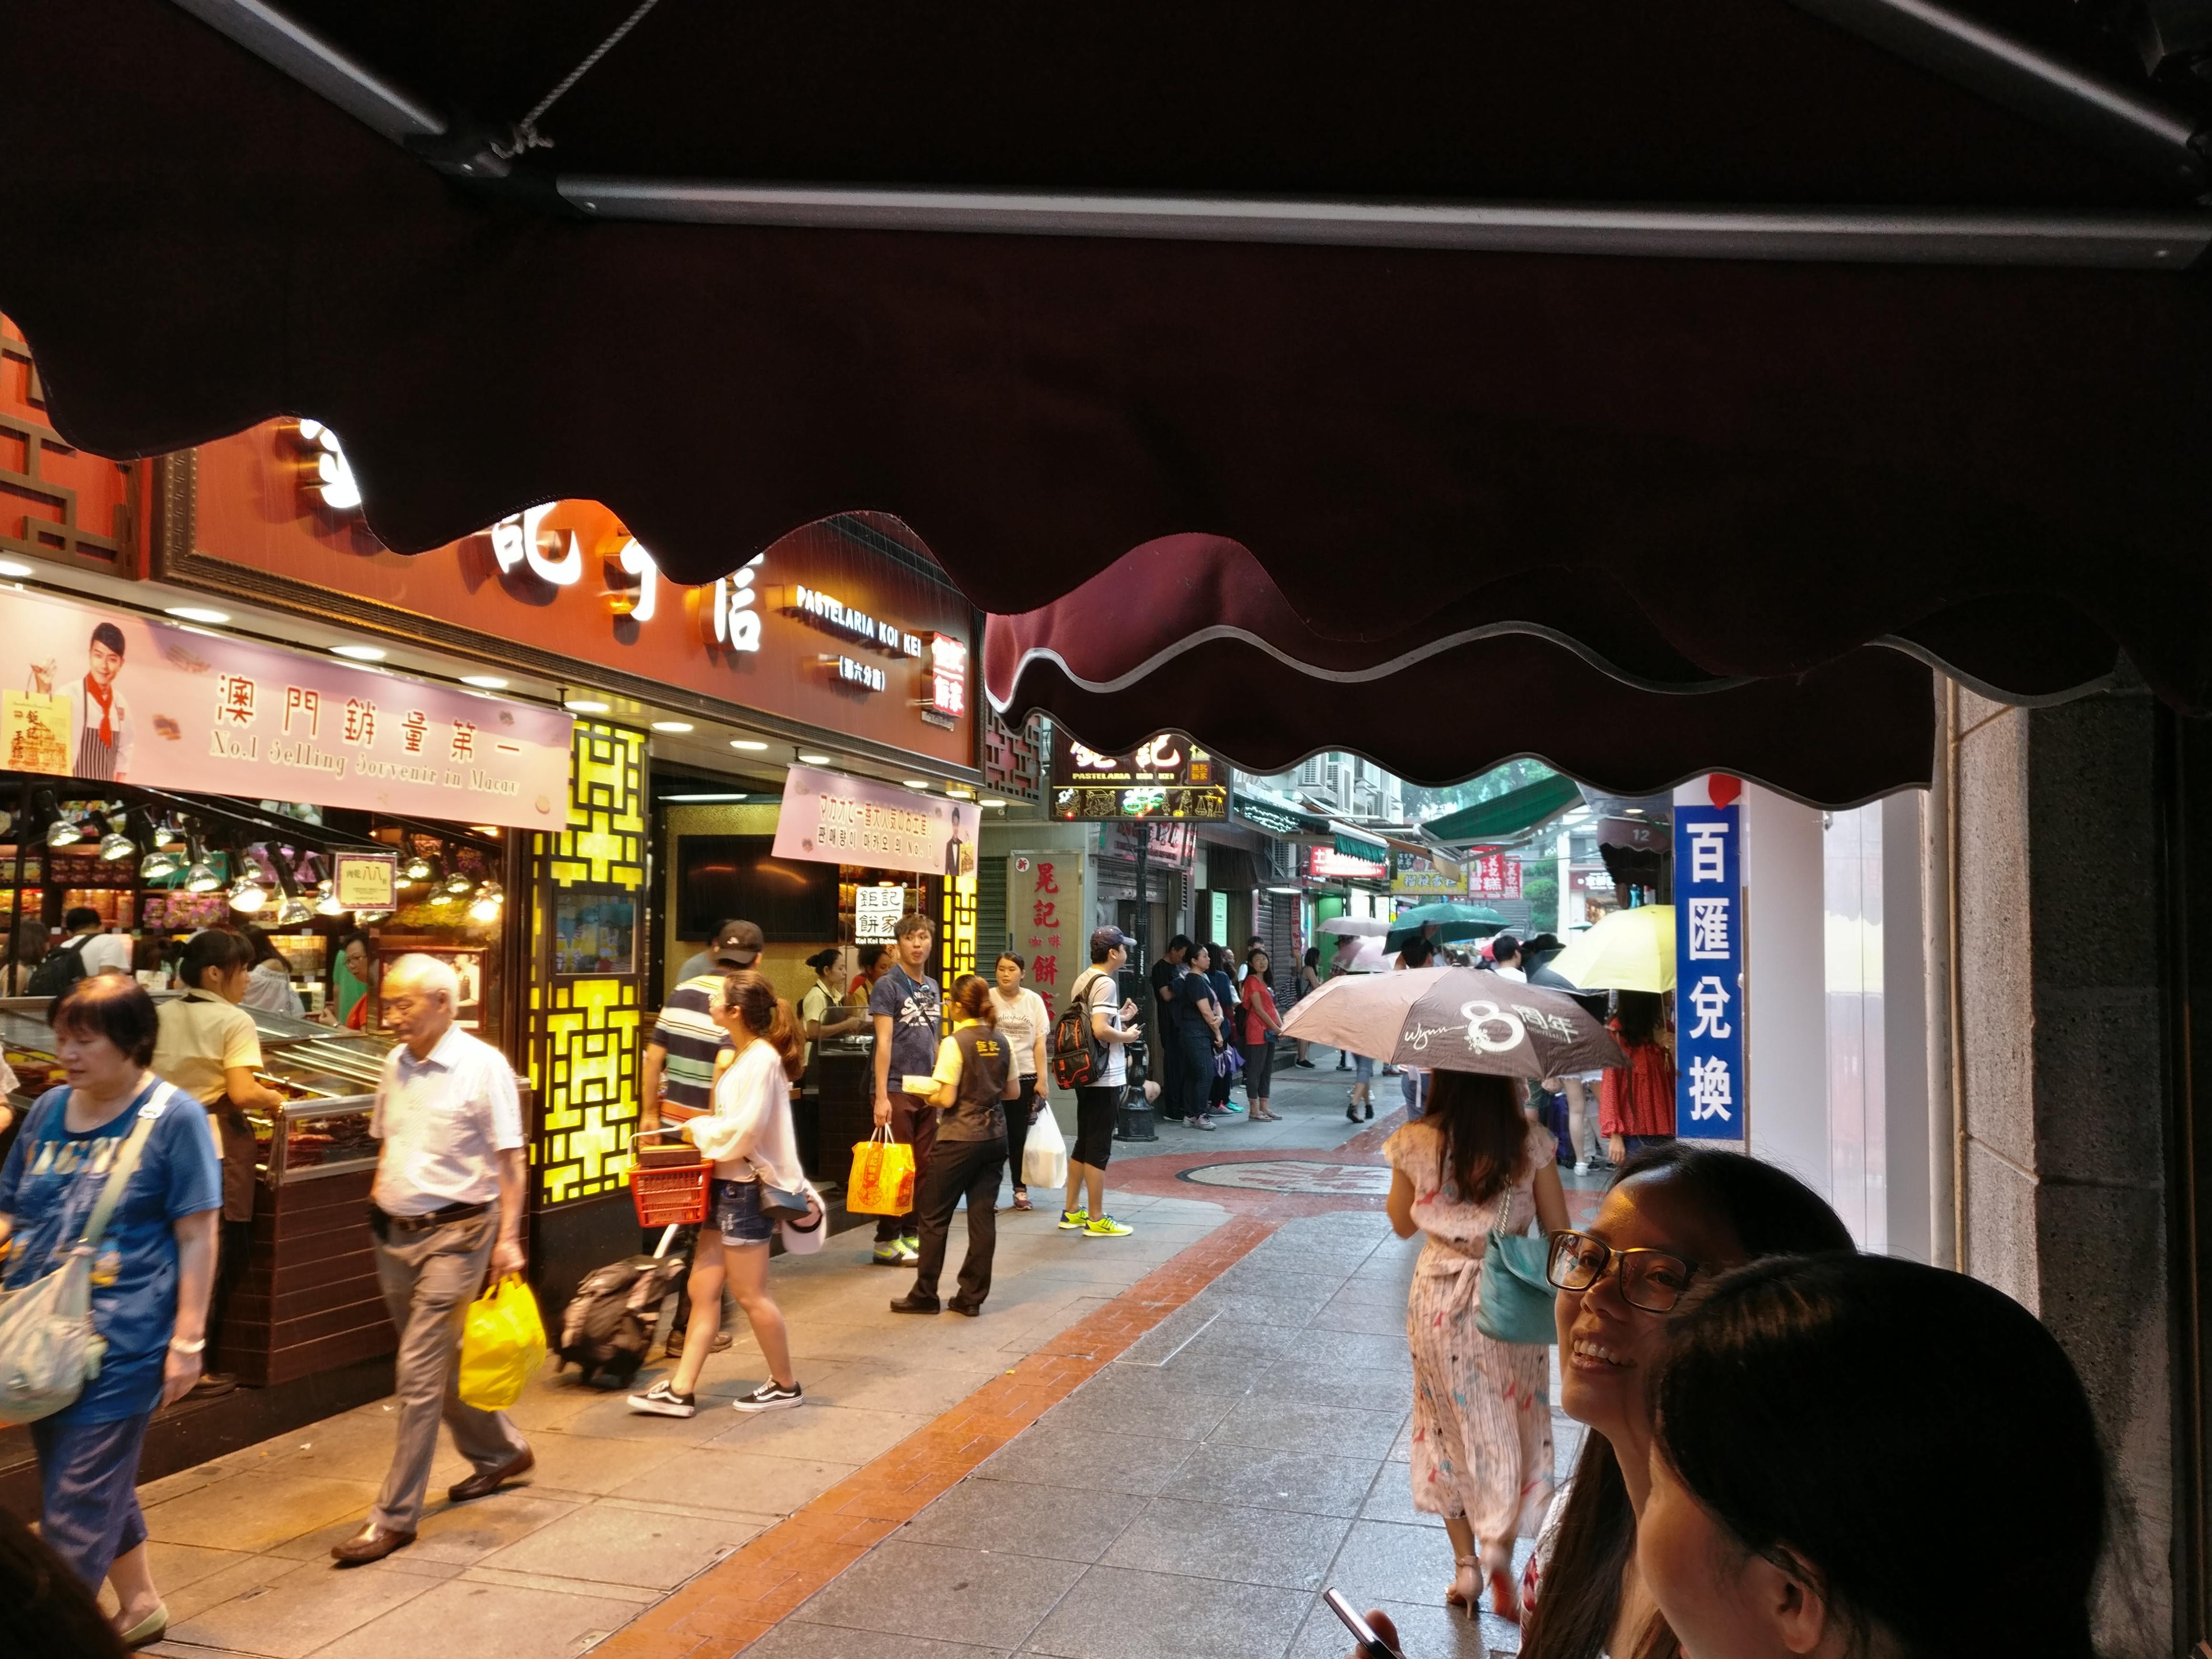 Einkaufsstraße in Macau